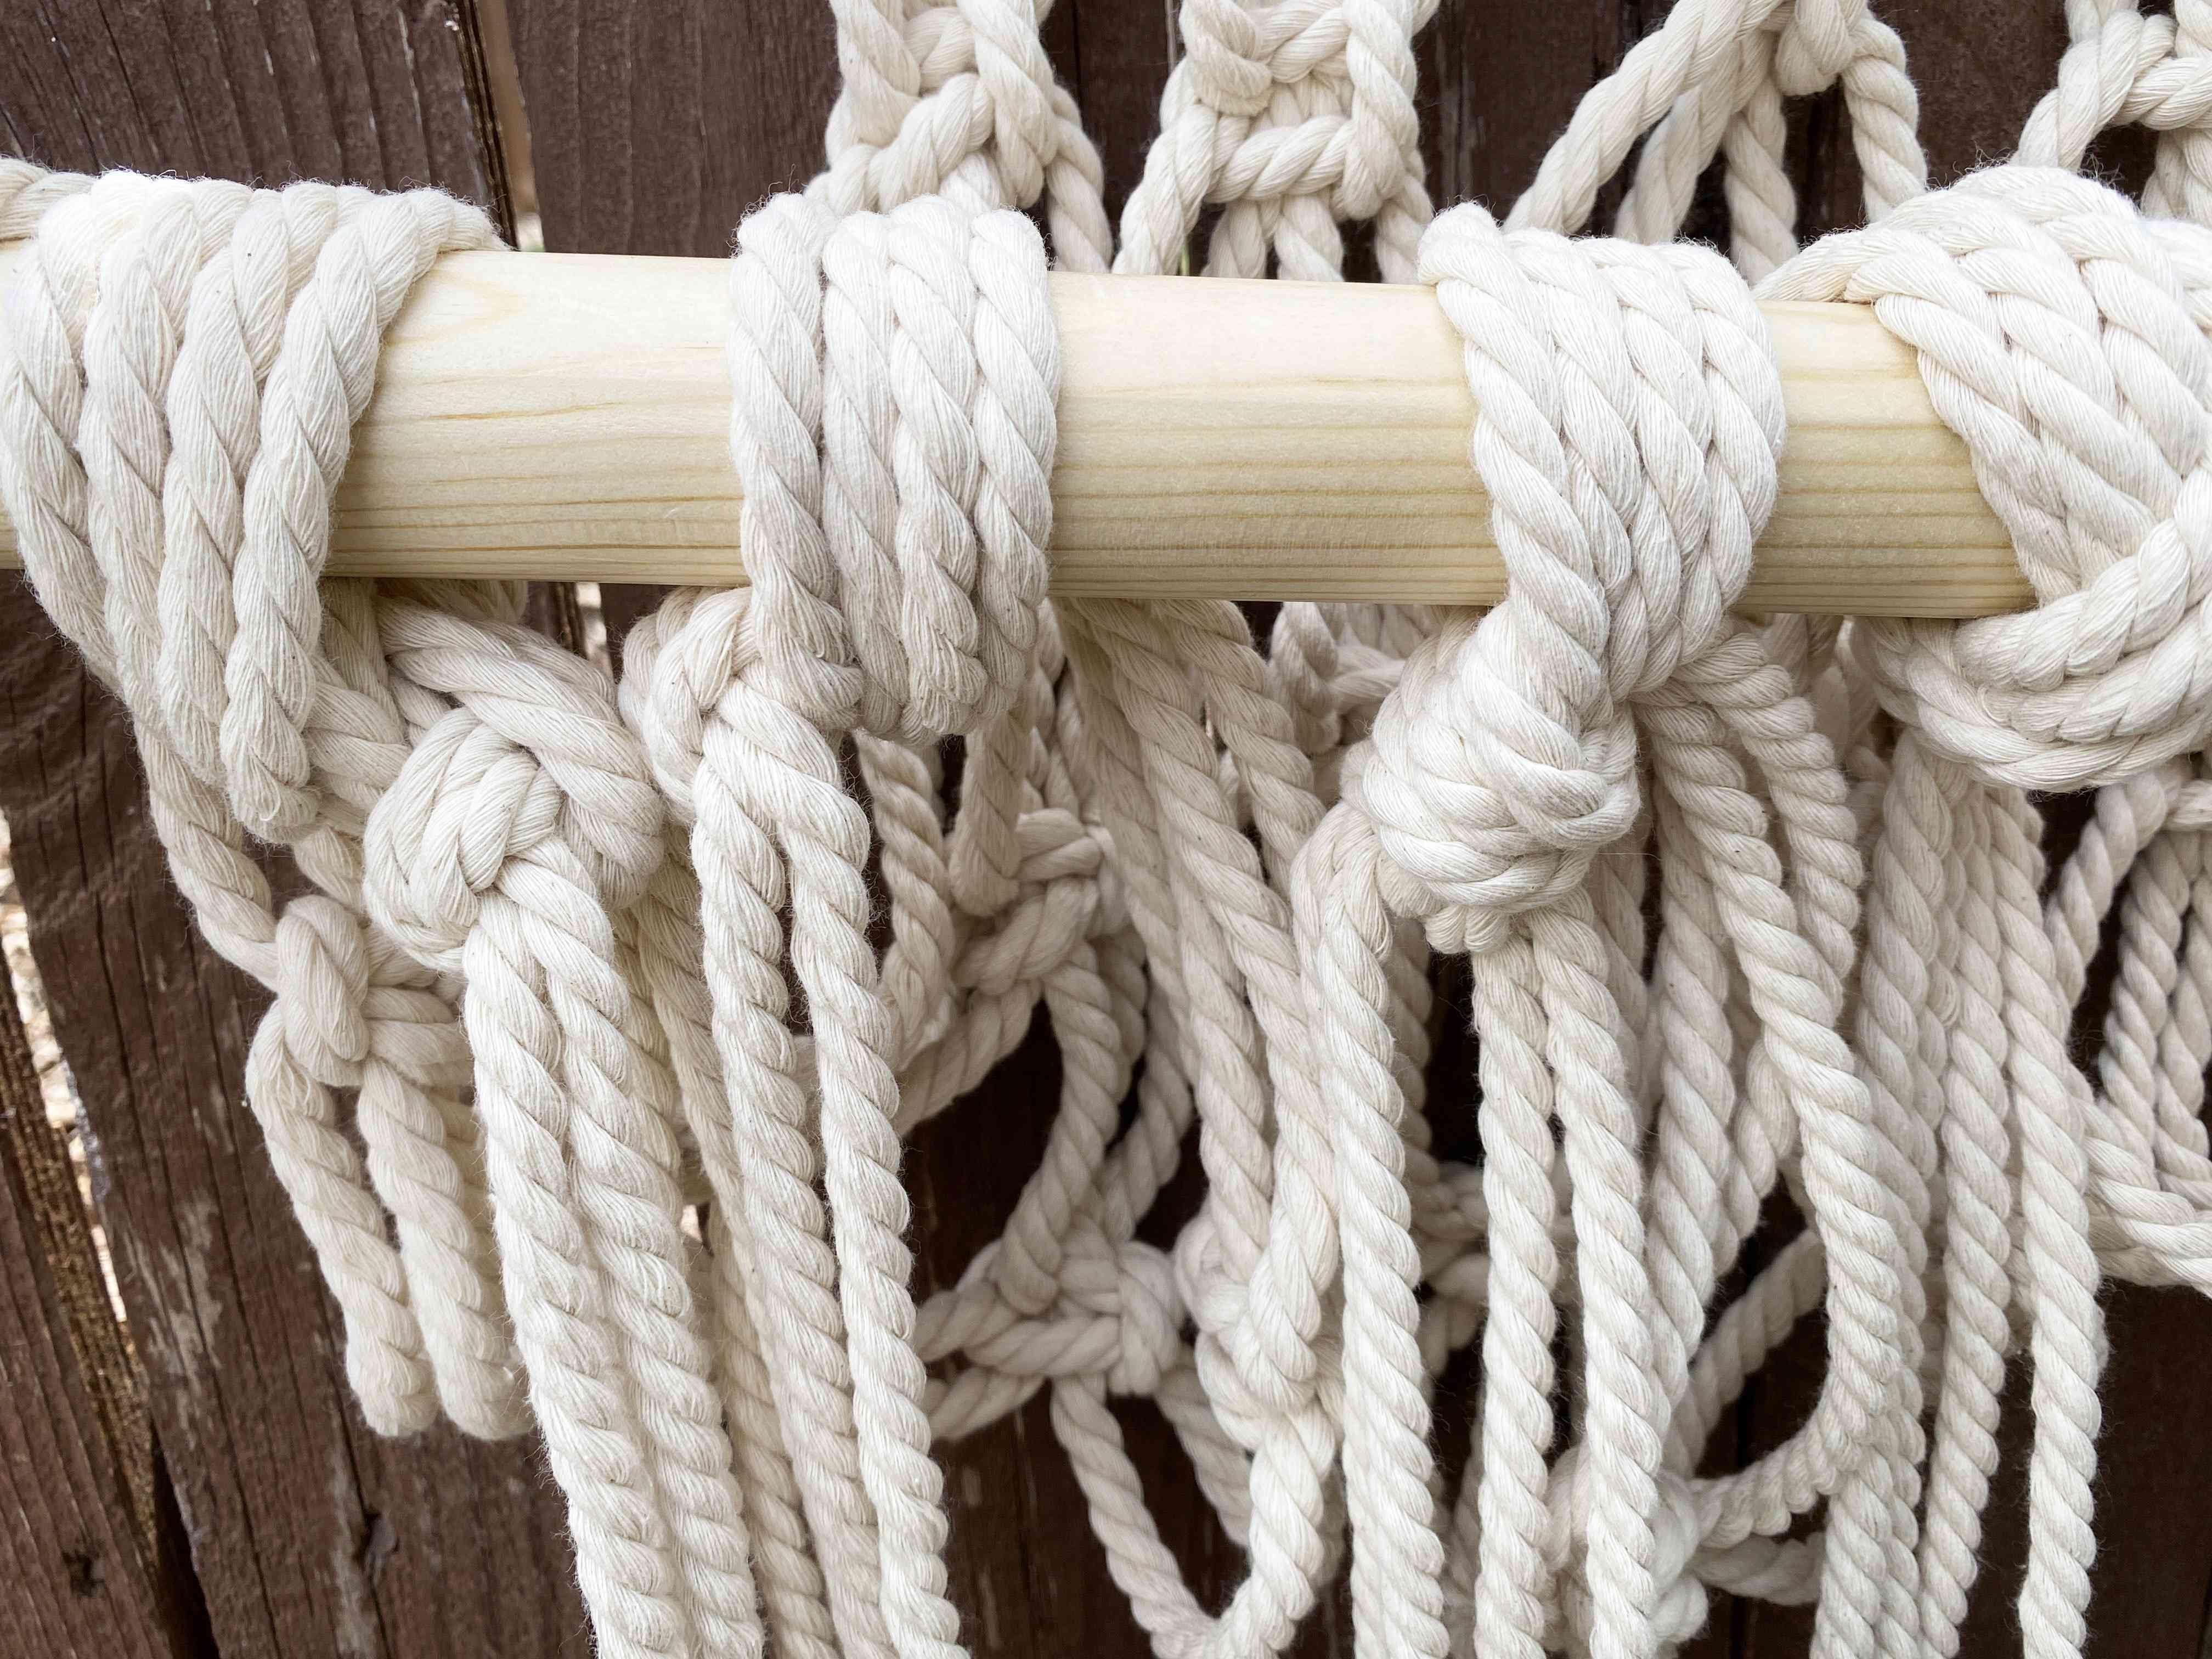 A close-up of knots